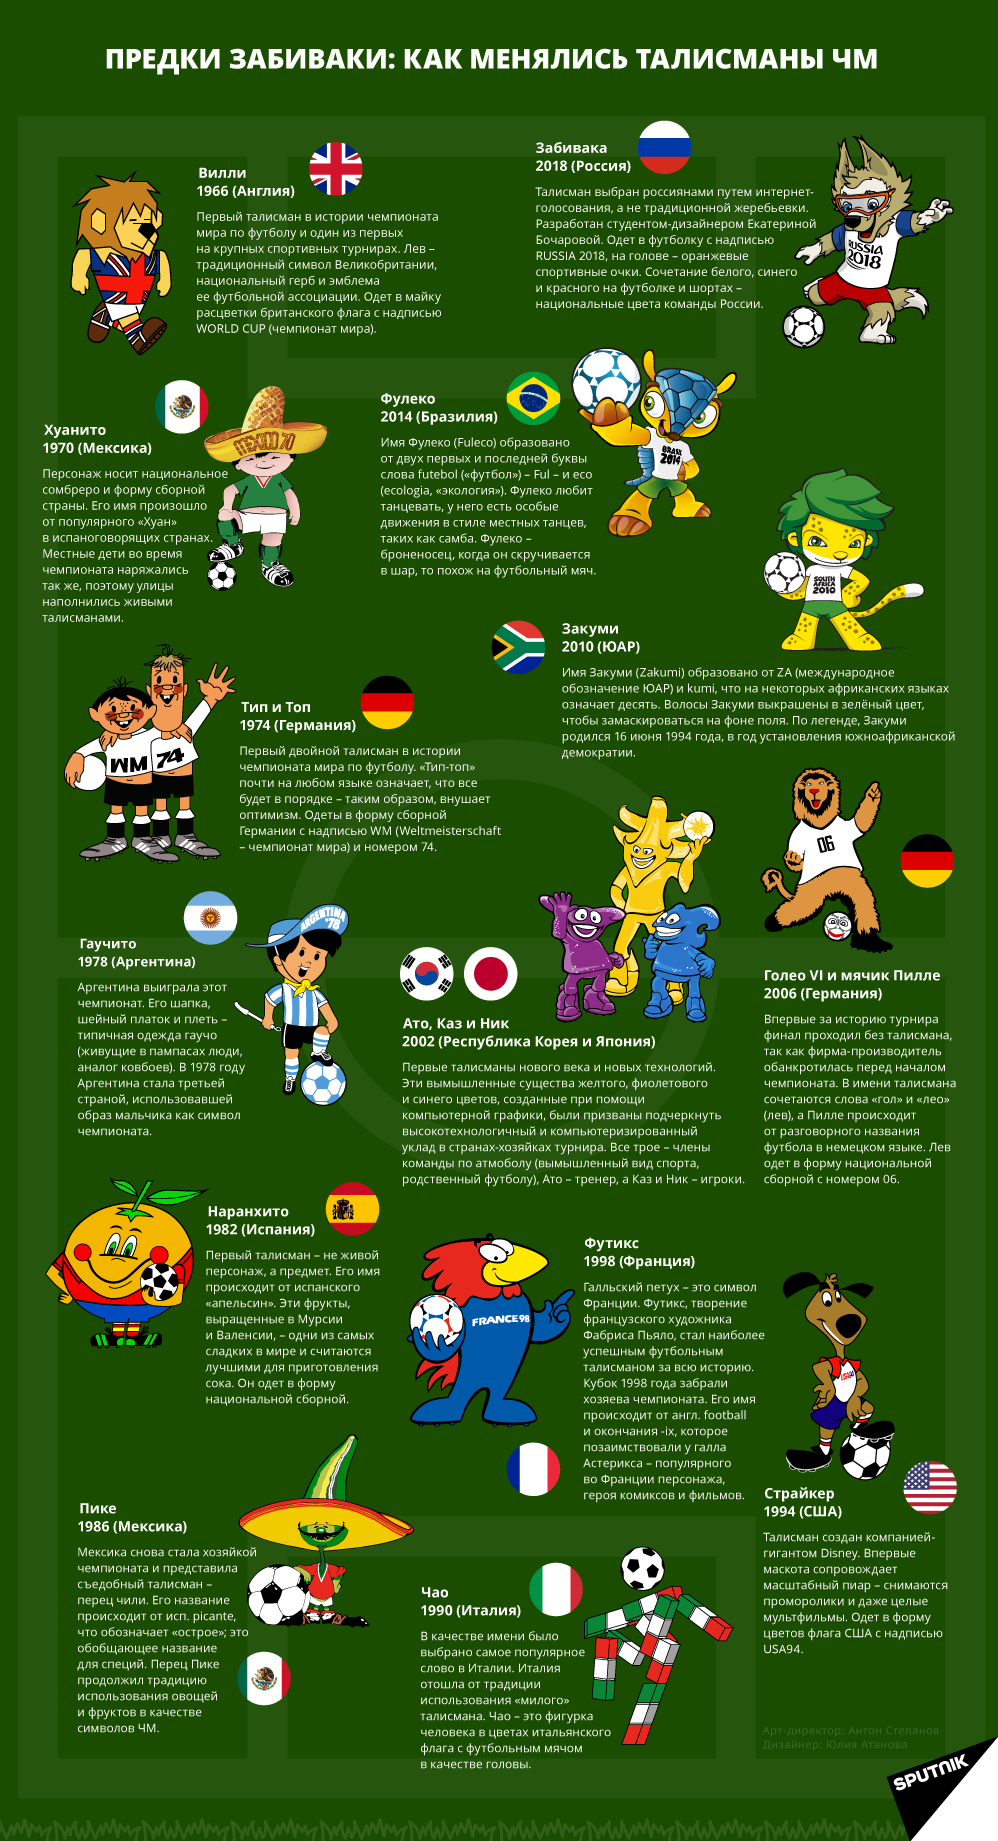 Как менялись талисманы чемпионатов мира